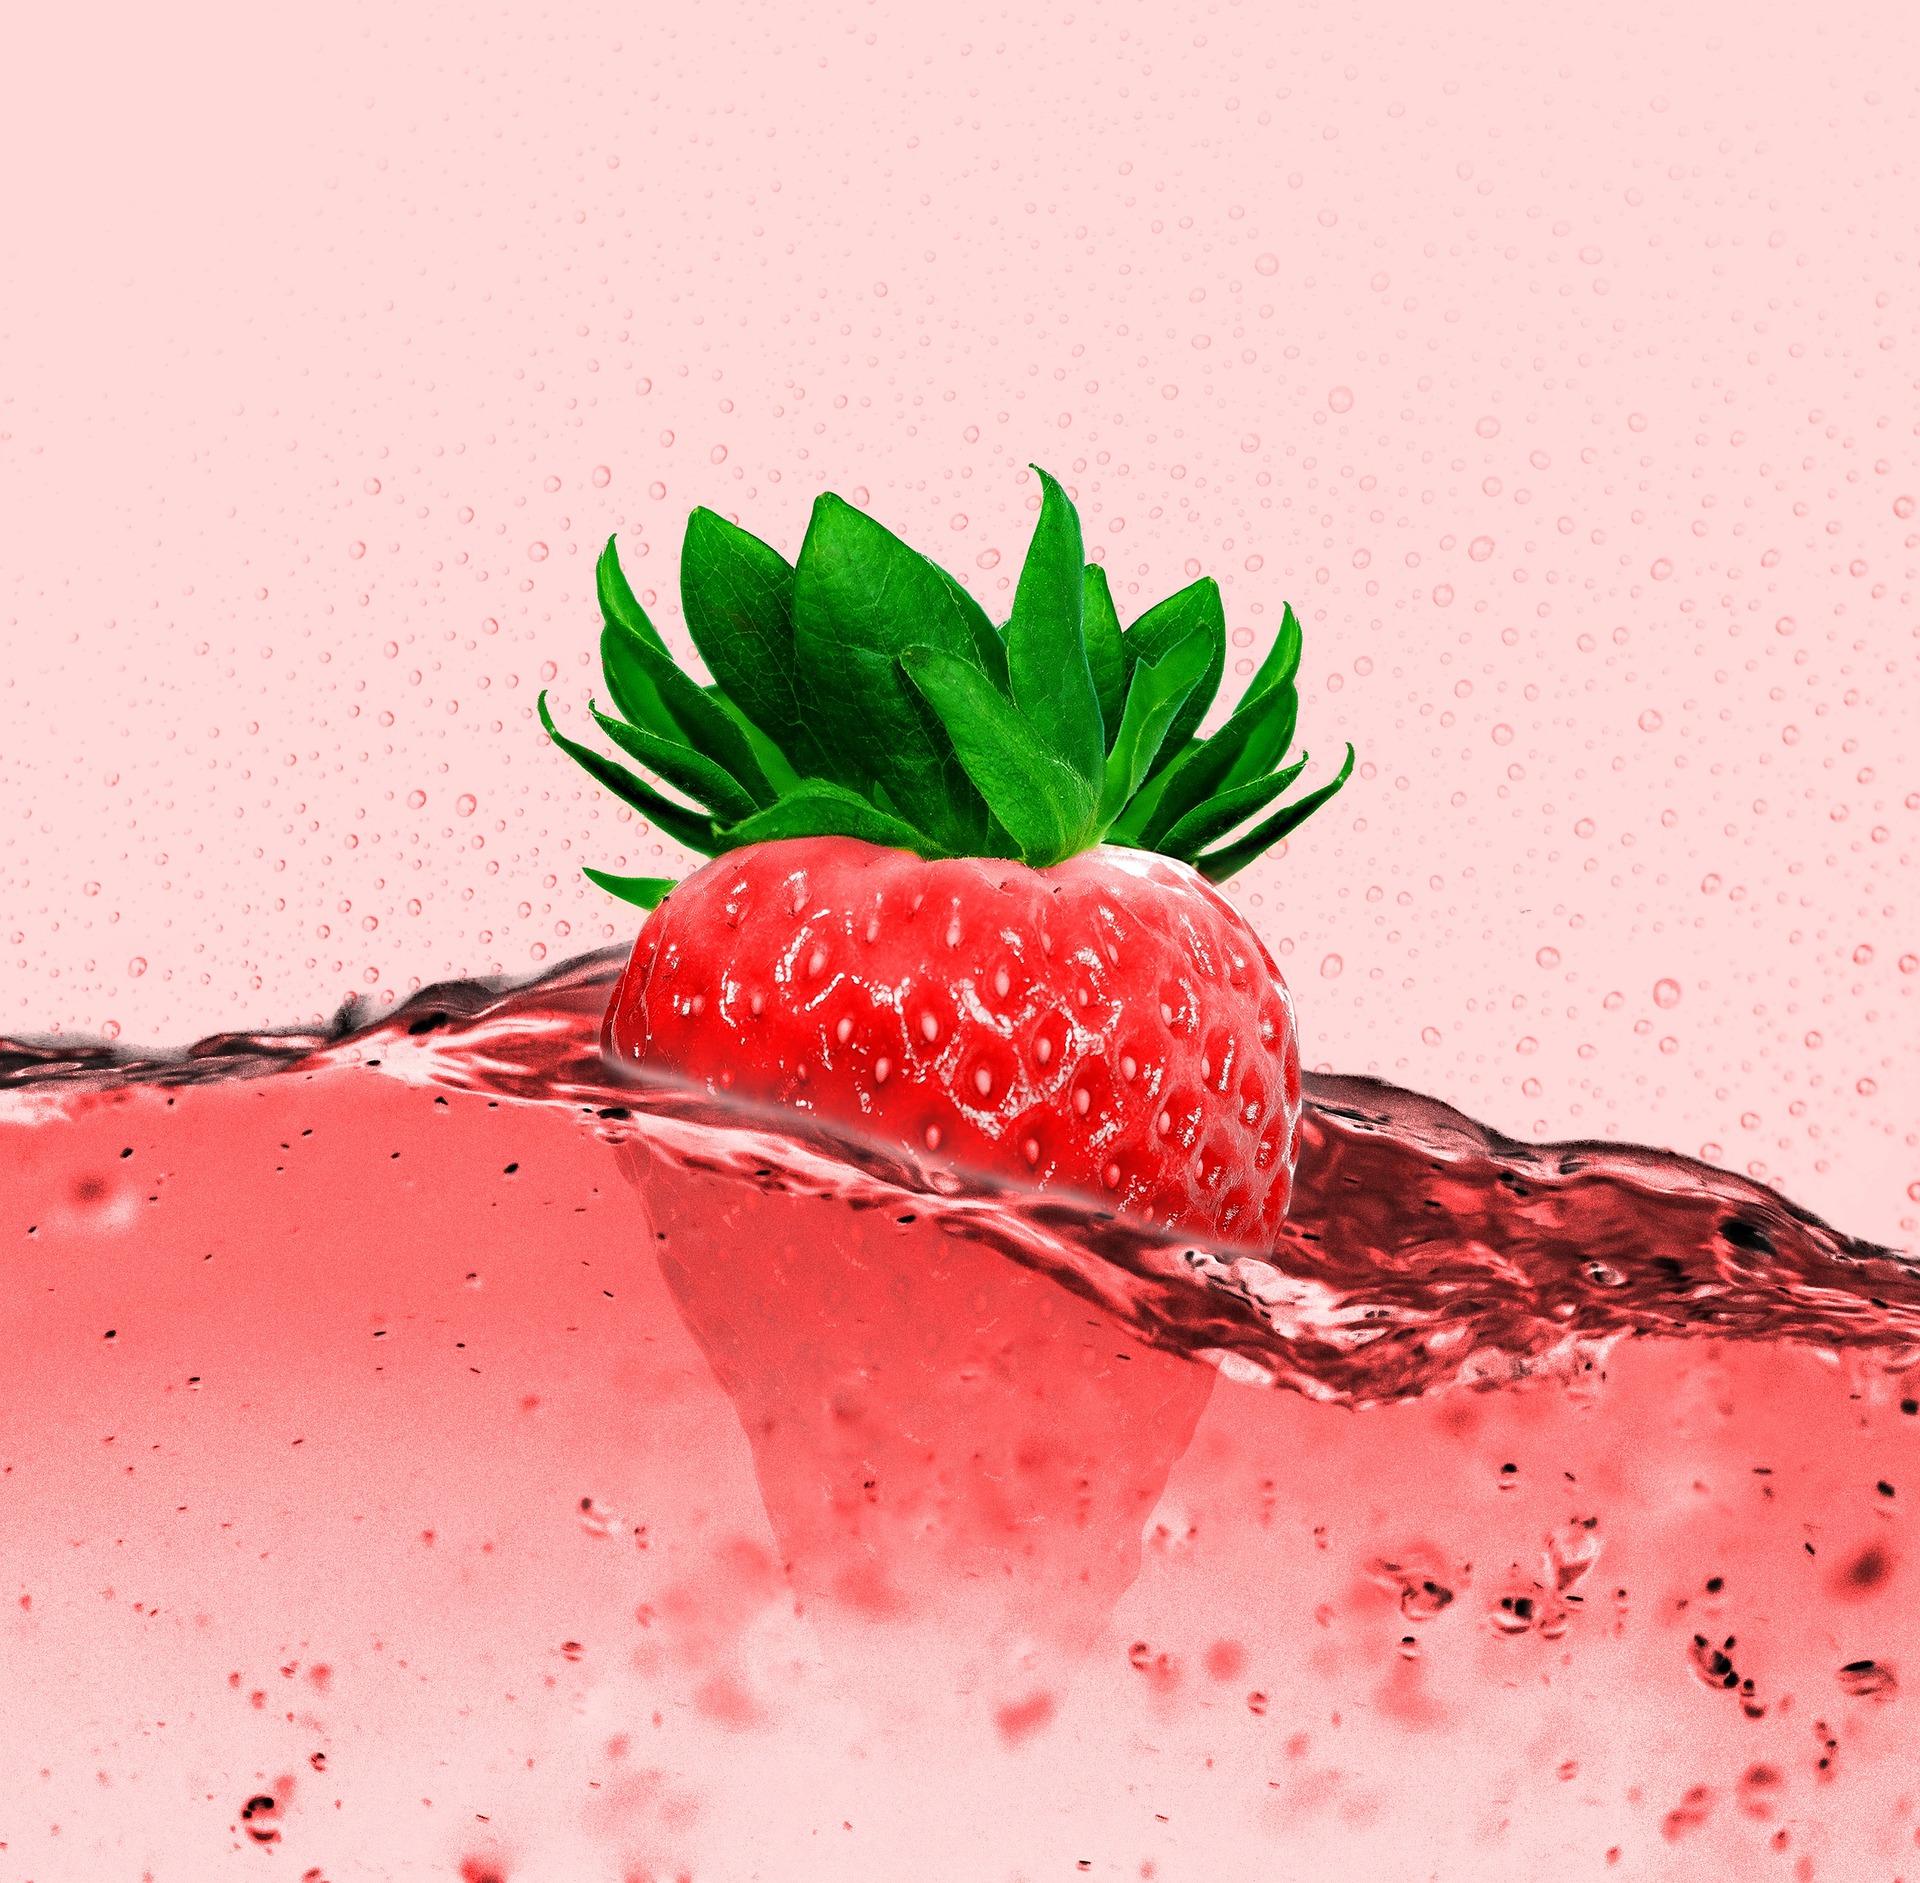 Fraise, jus de, boisson, fruits, bulles, Rouge - Fonds d'écran HD - Professor-falken.com